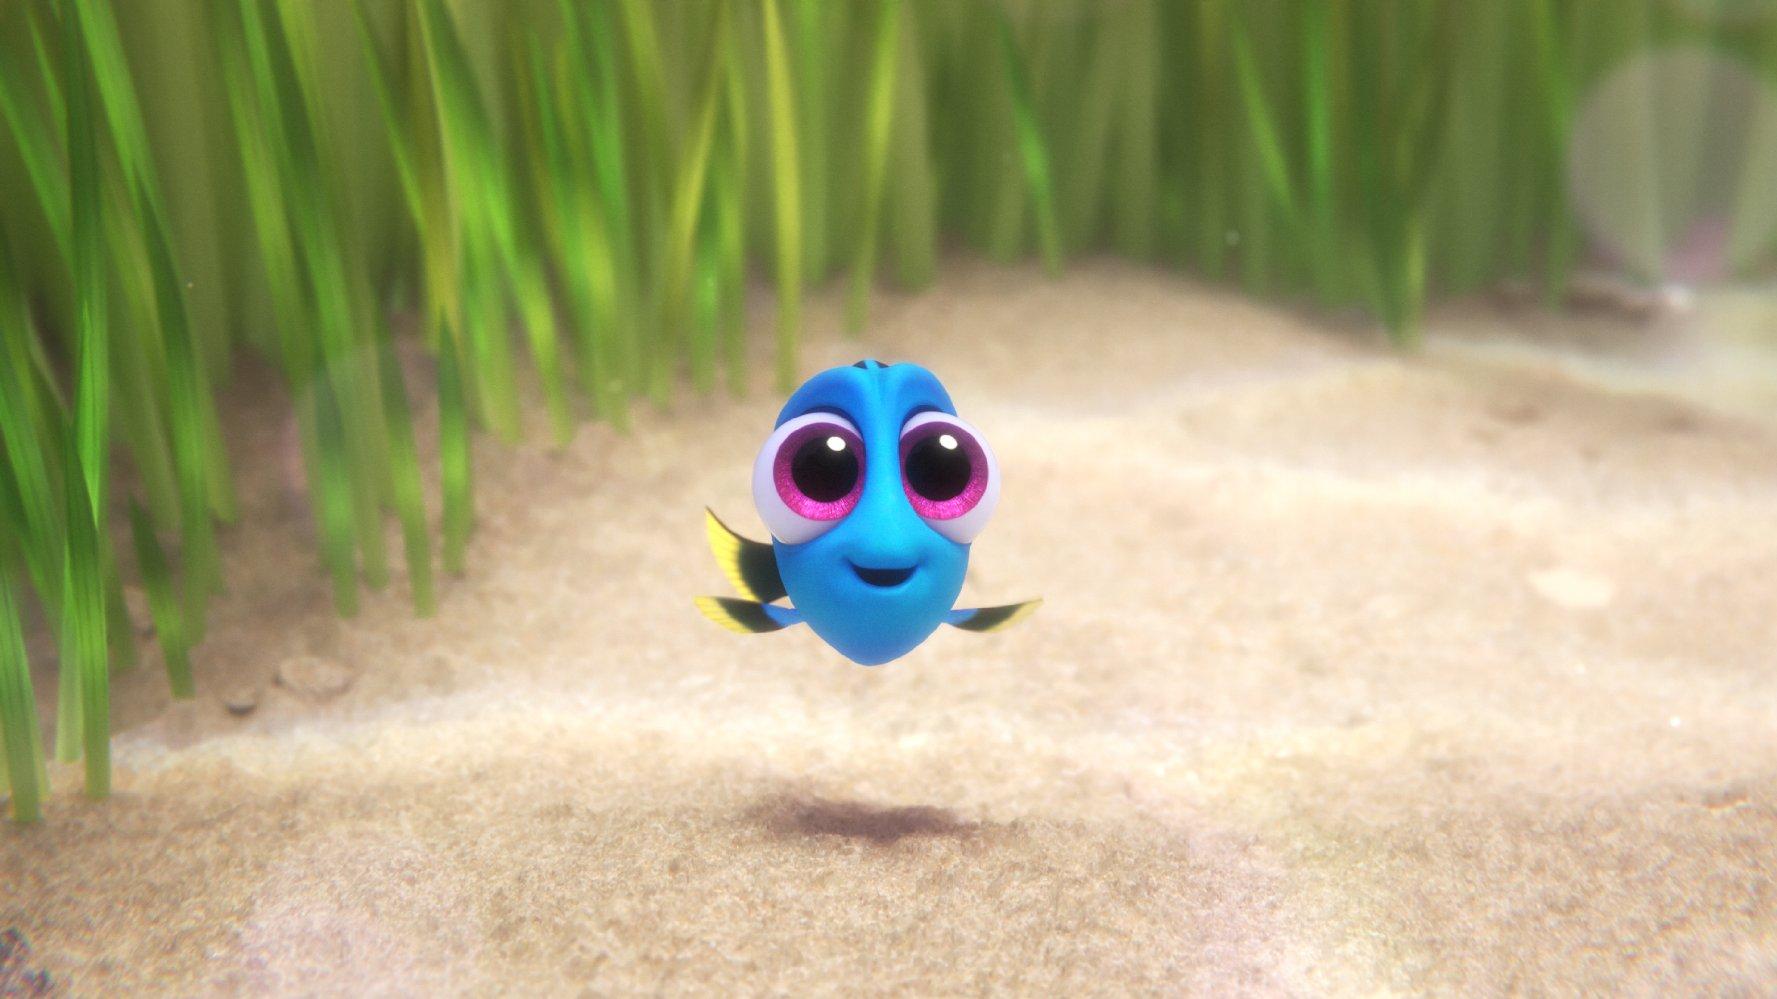 Dorie noch ganz klein. Quelle: © Disney/Pixar